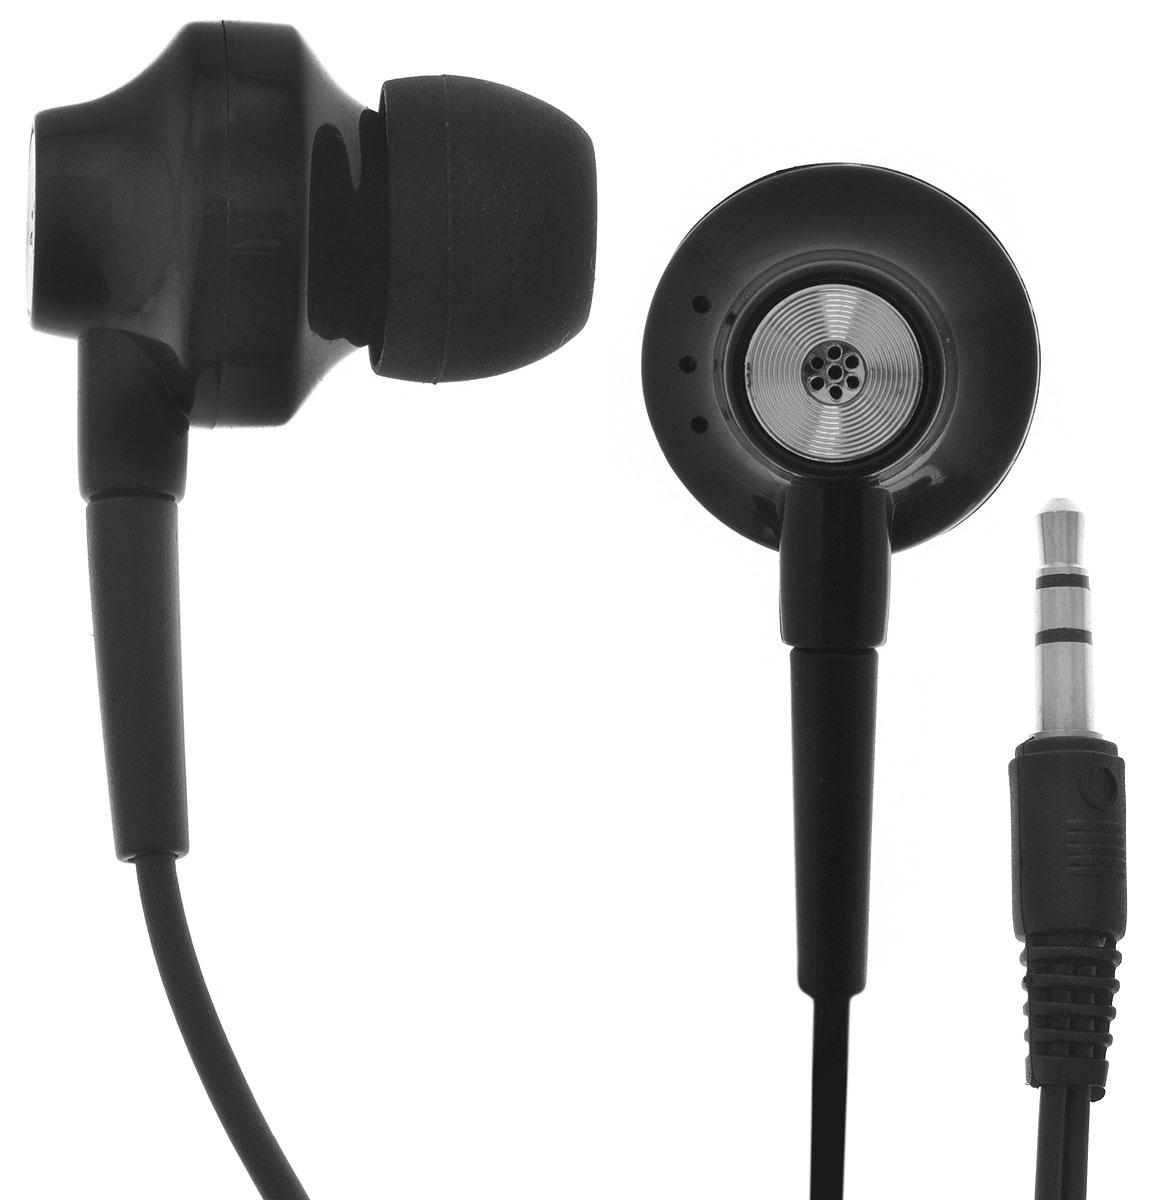 Oxion HS2003, Black гарнитураOX-HS2003BKПроводная стереогарнитура Oxion HS2003 с внутриканальными наушниками. Обладает мягким проводом, креплением-прищепкой, на которой находится кнопка ответа и высокочувствительный микрофон. Легкая и комфортная в применении. Инновационный дизайн и превосходное звучание.